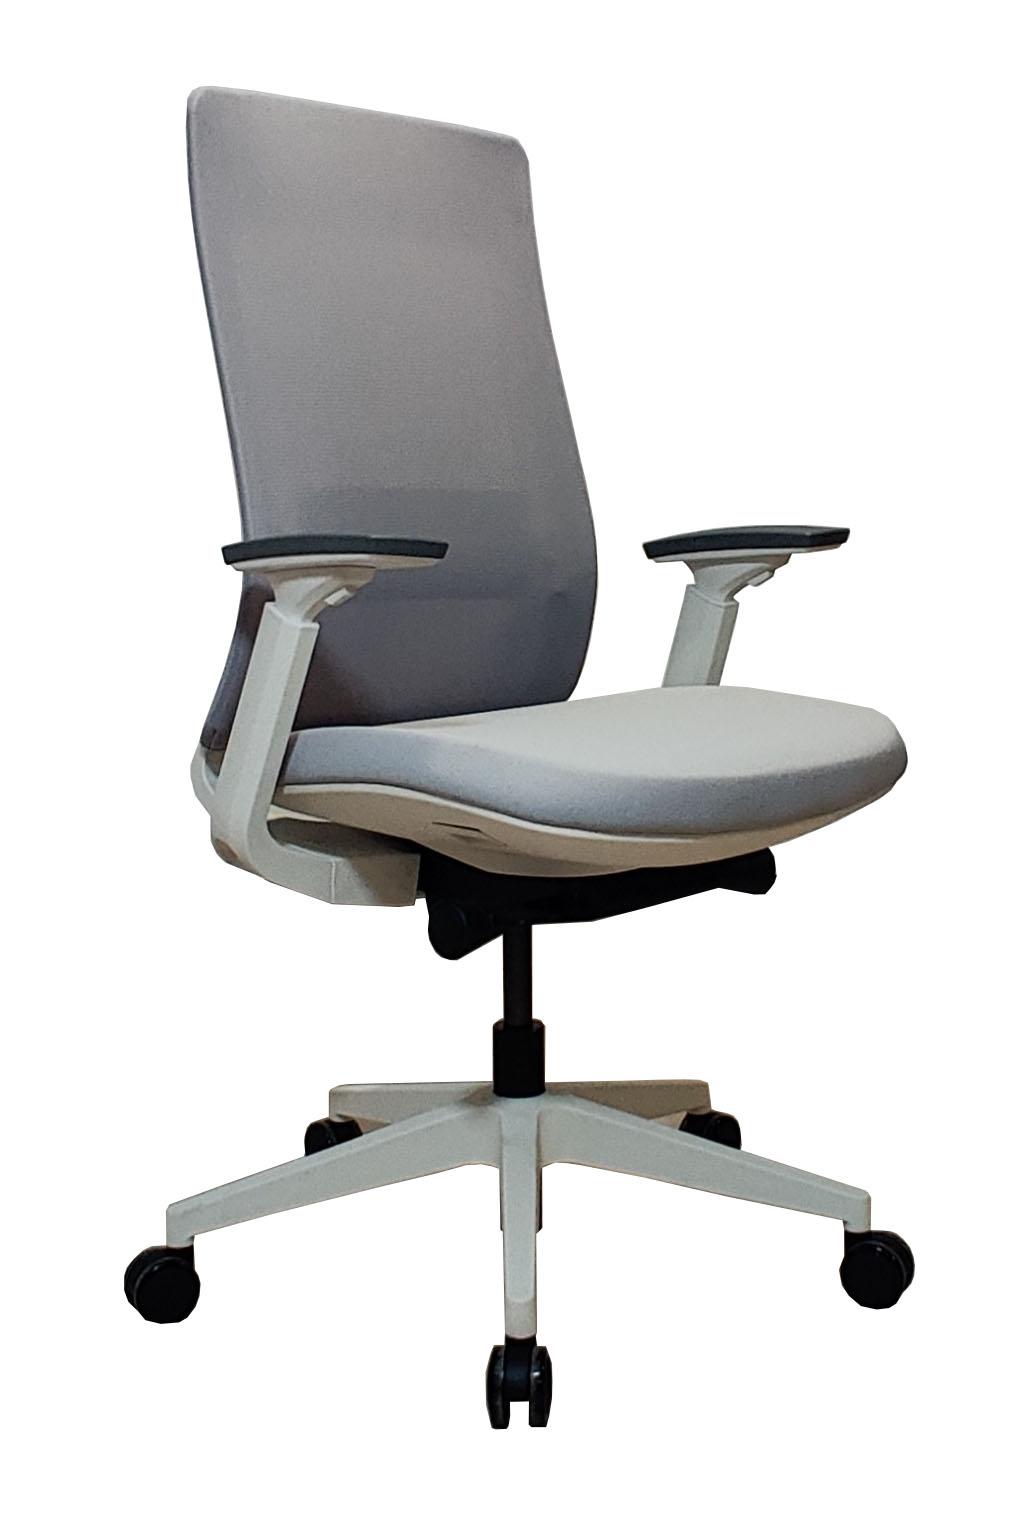 כסא מחשב ארגונומי דגם אייקונט